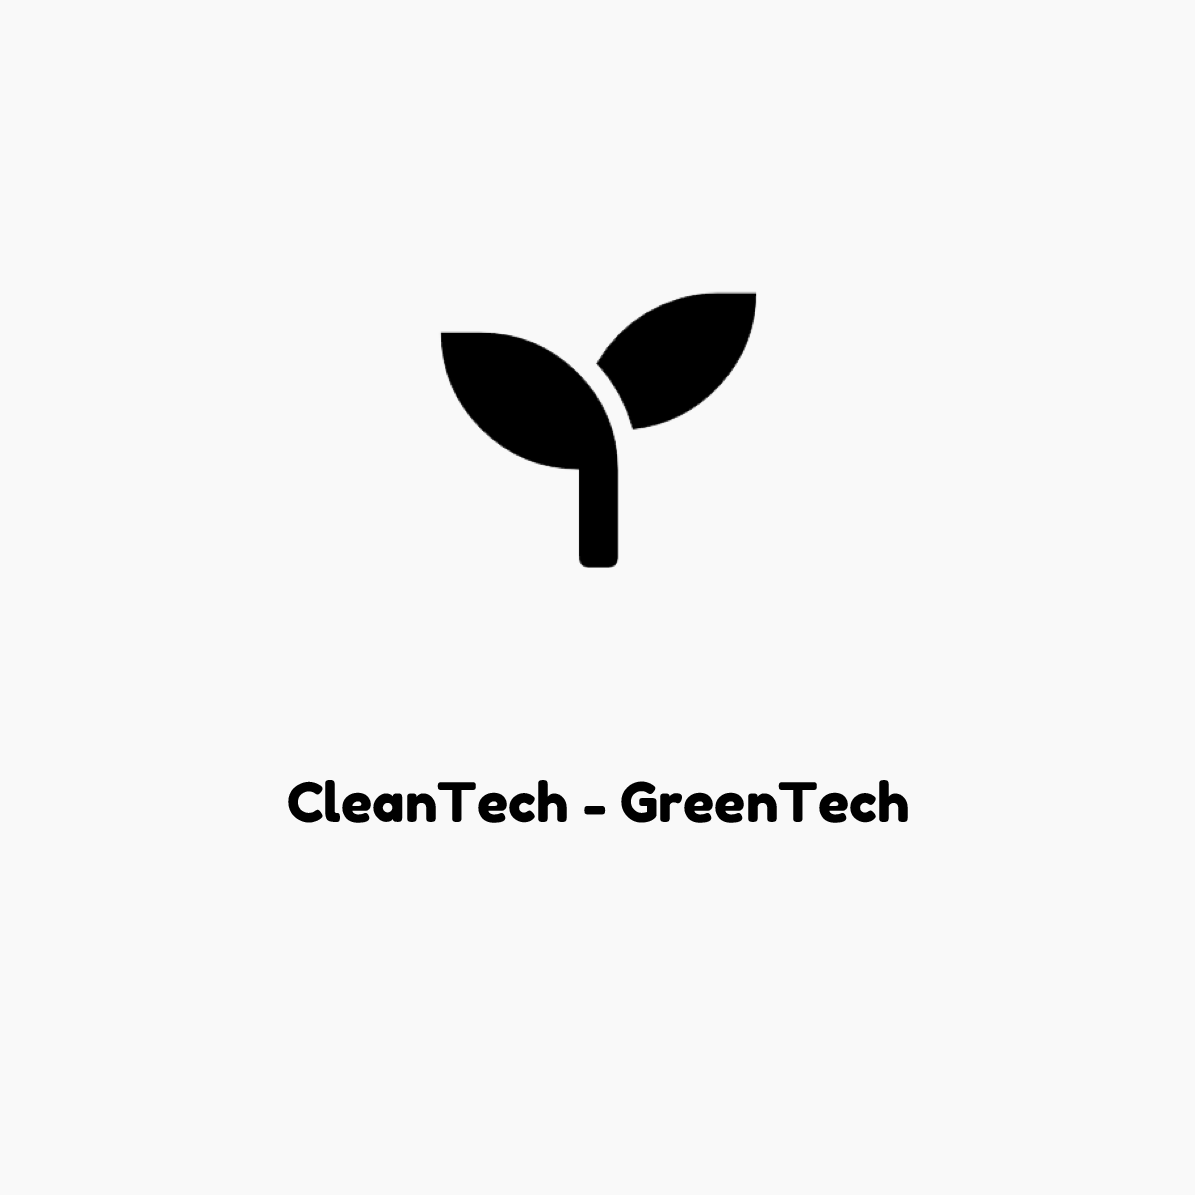 CleanTech-GreenTech